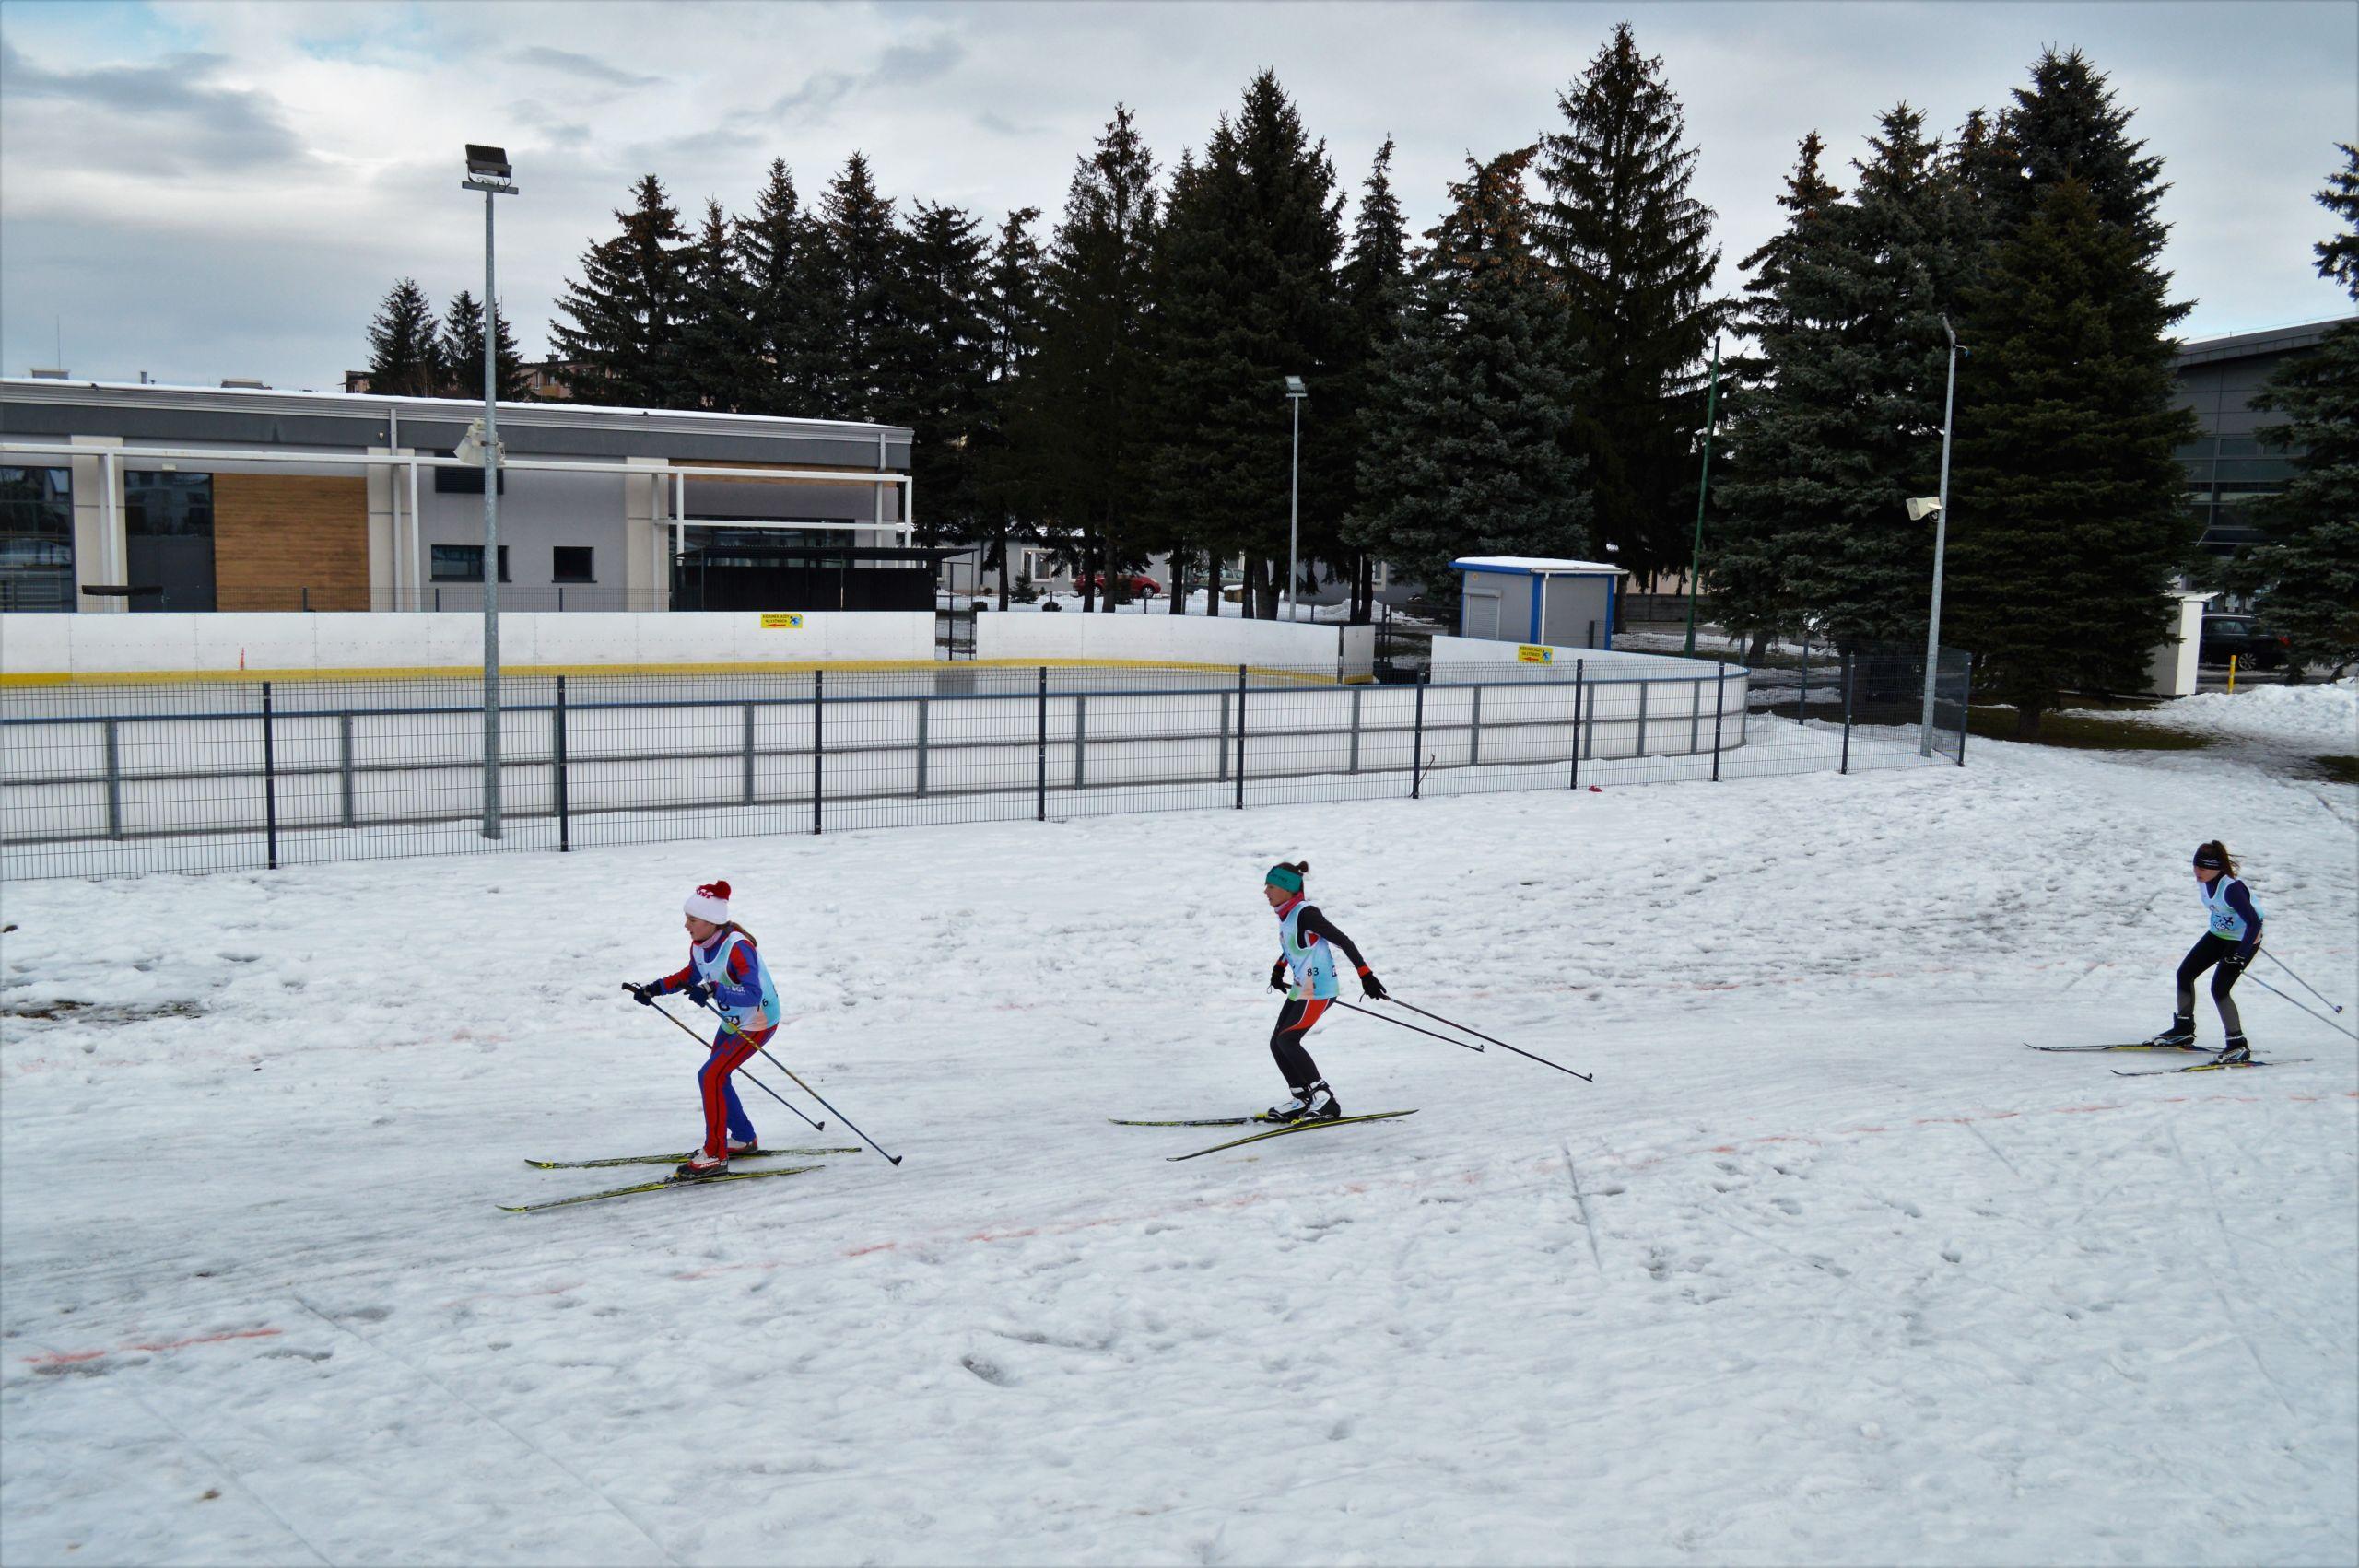 Zawodniczki podczas biegu